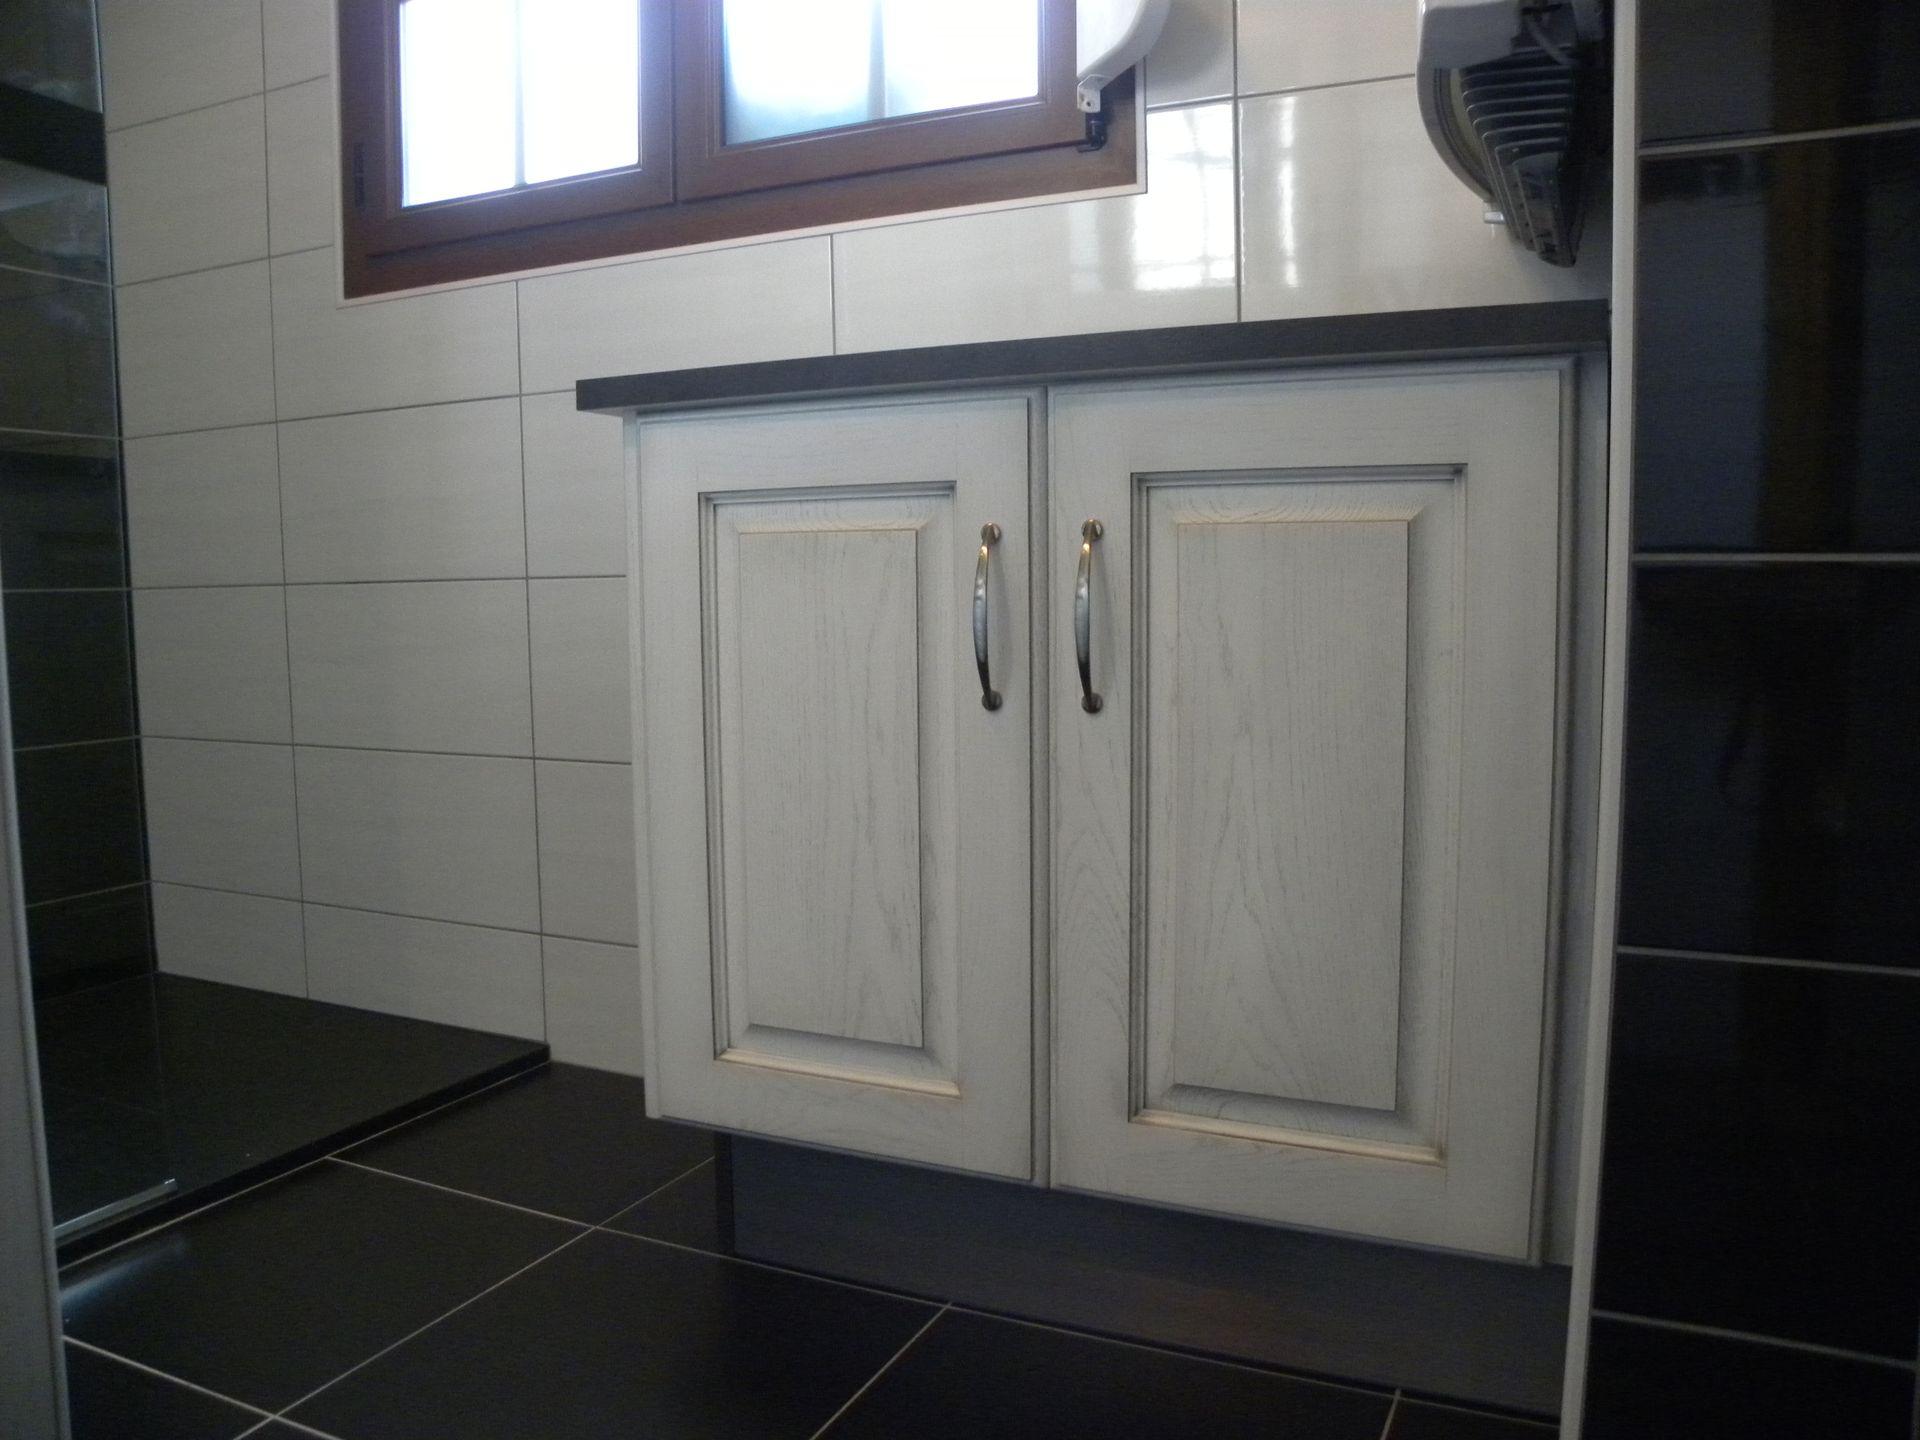 Salle de bains moderne laqu e blanc patine grise gilles - Salle de bain moderne grise ...